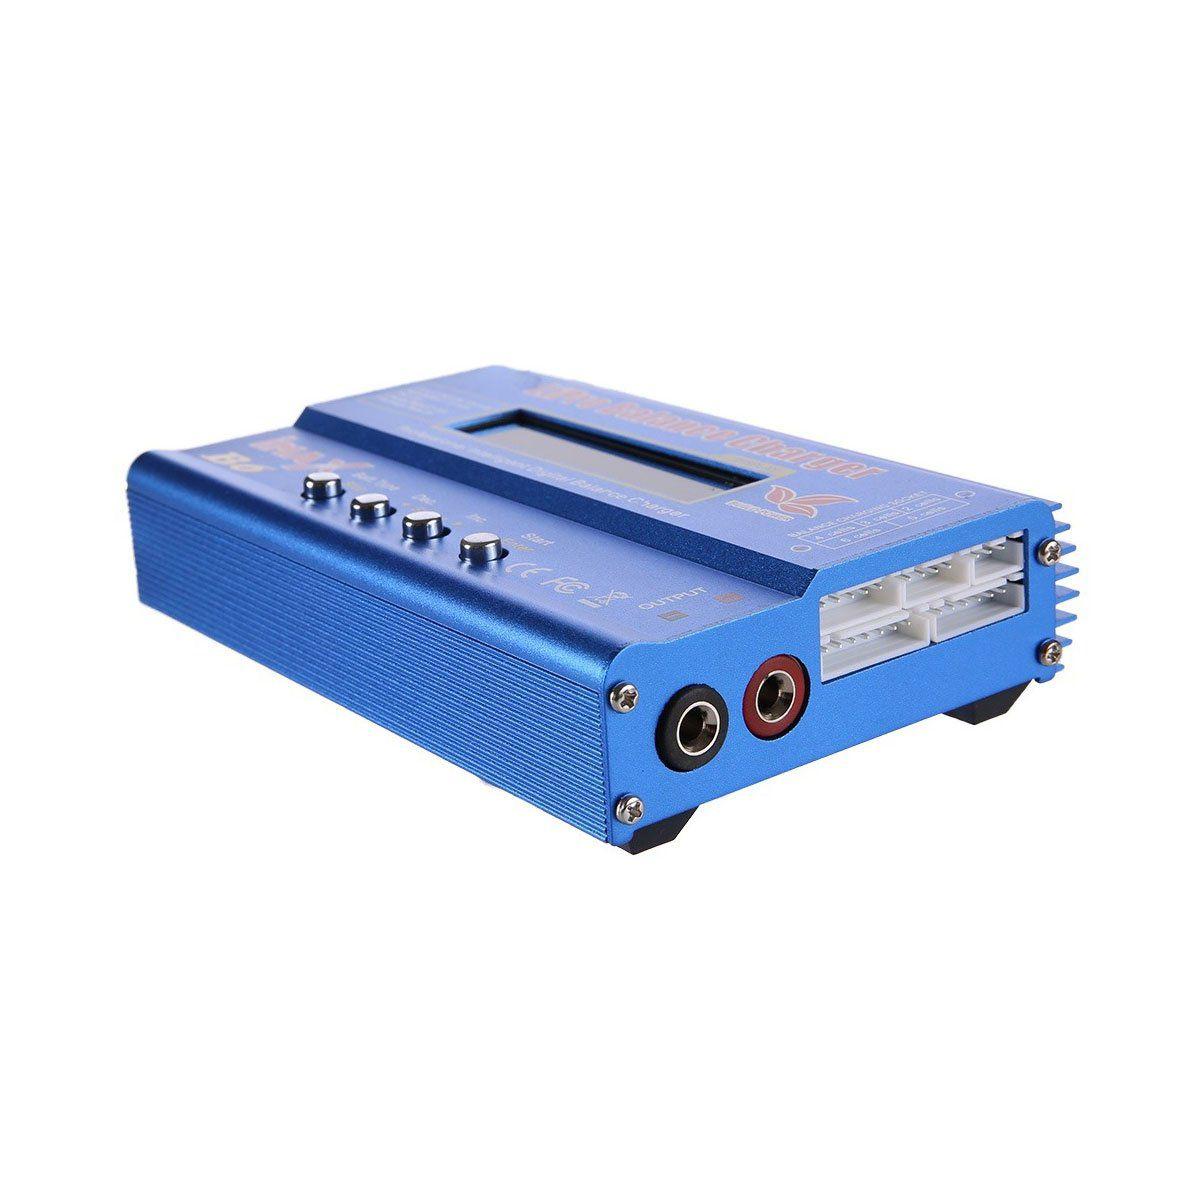 Carregador Balanceador para Baterias Imax B6 80w 12V